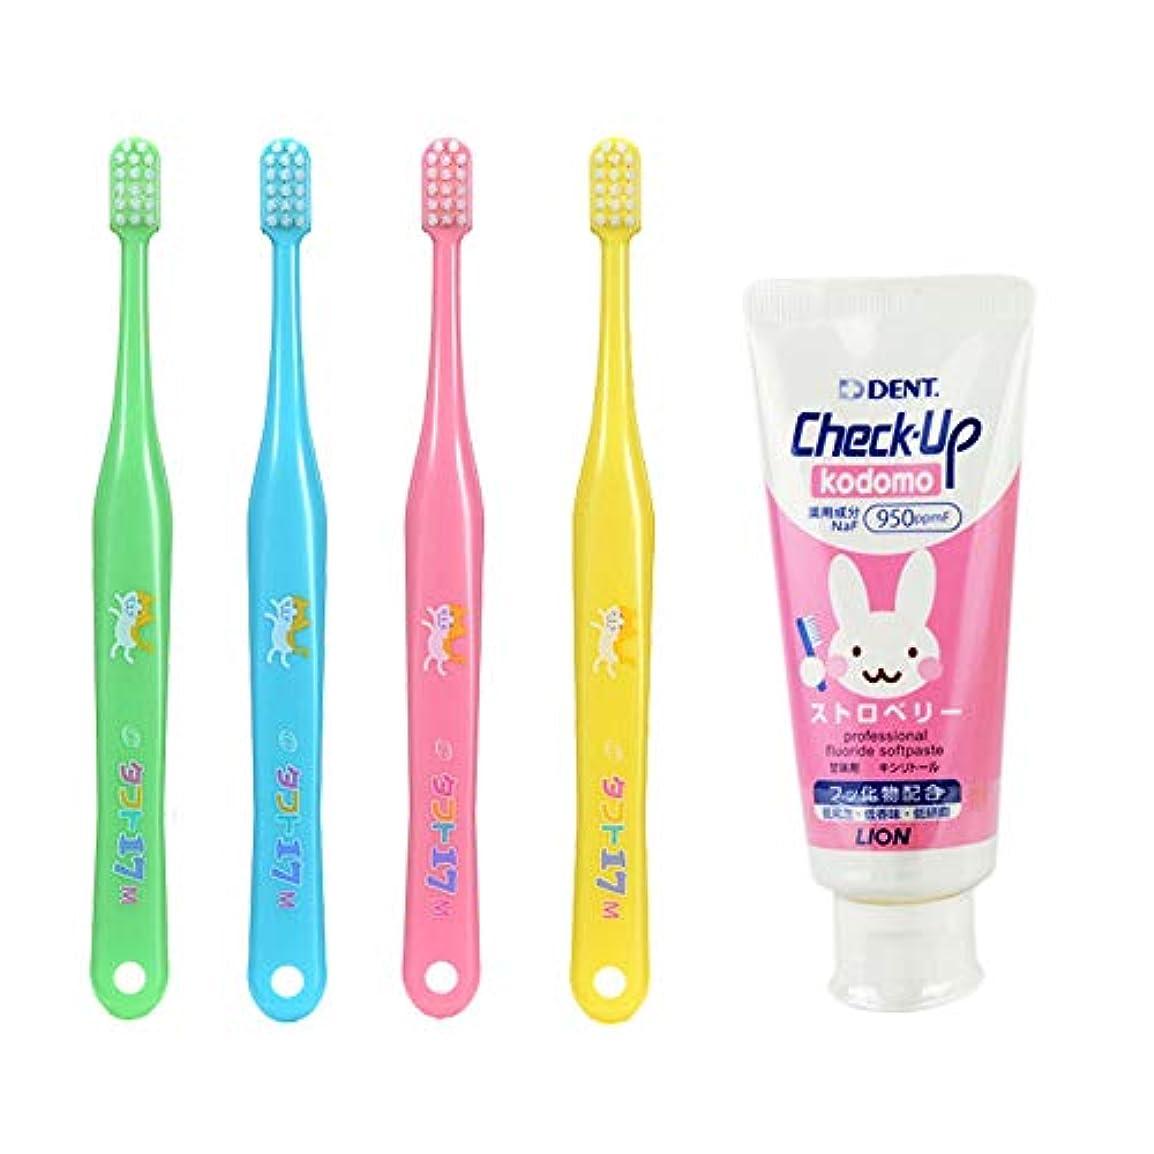 何故なの無視するコンテンツタフト17 M(ふつう) 子ども 歯ブラシ 10本 + チェックアップ コドモ 60g (ストロベリー) 歯磨き粉 歯科専売品